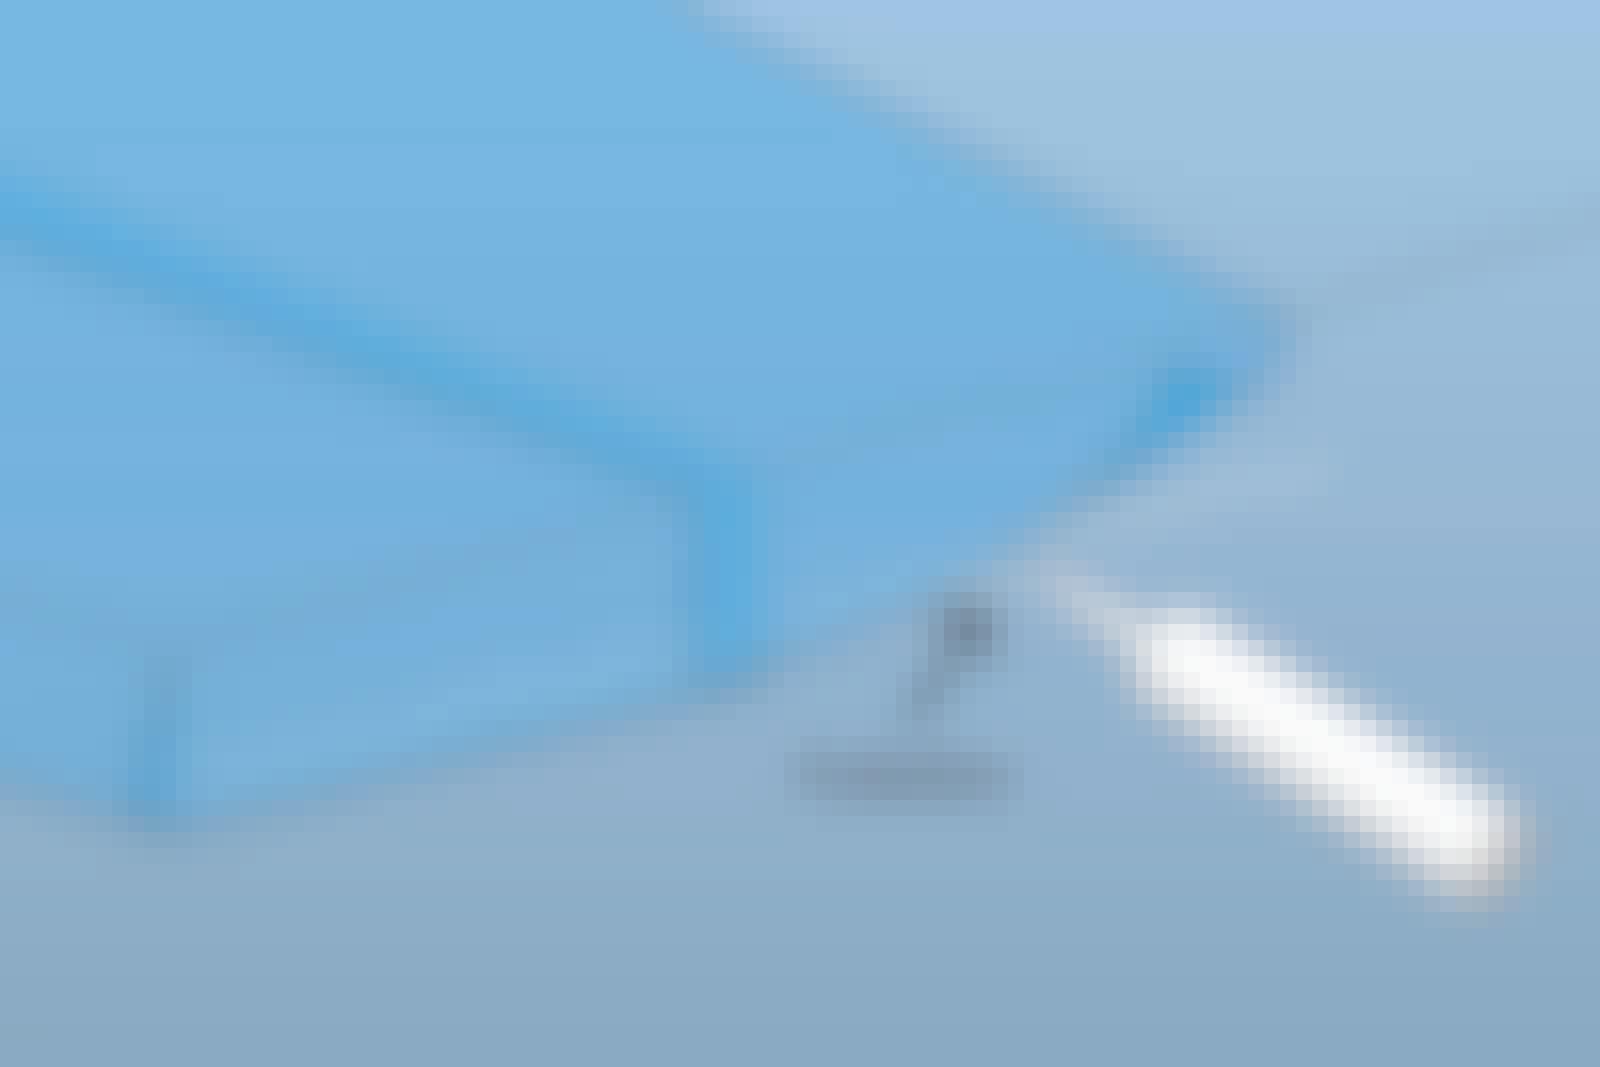 Tett dampsperre: Skal veggen kles med gips, kan overlappingen være stor. Ellers må det begrenses, slik at folien kan skjæres til langs takplatene.